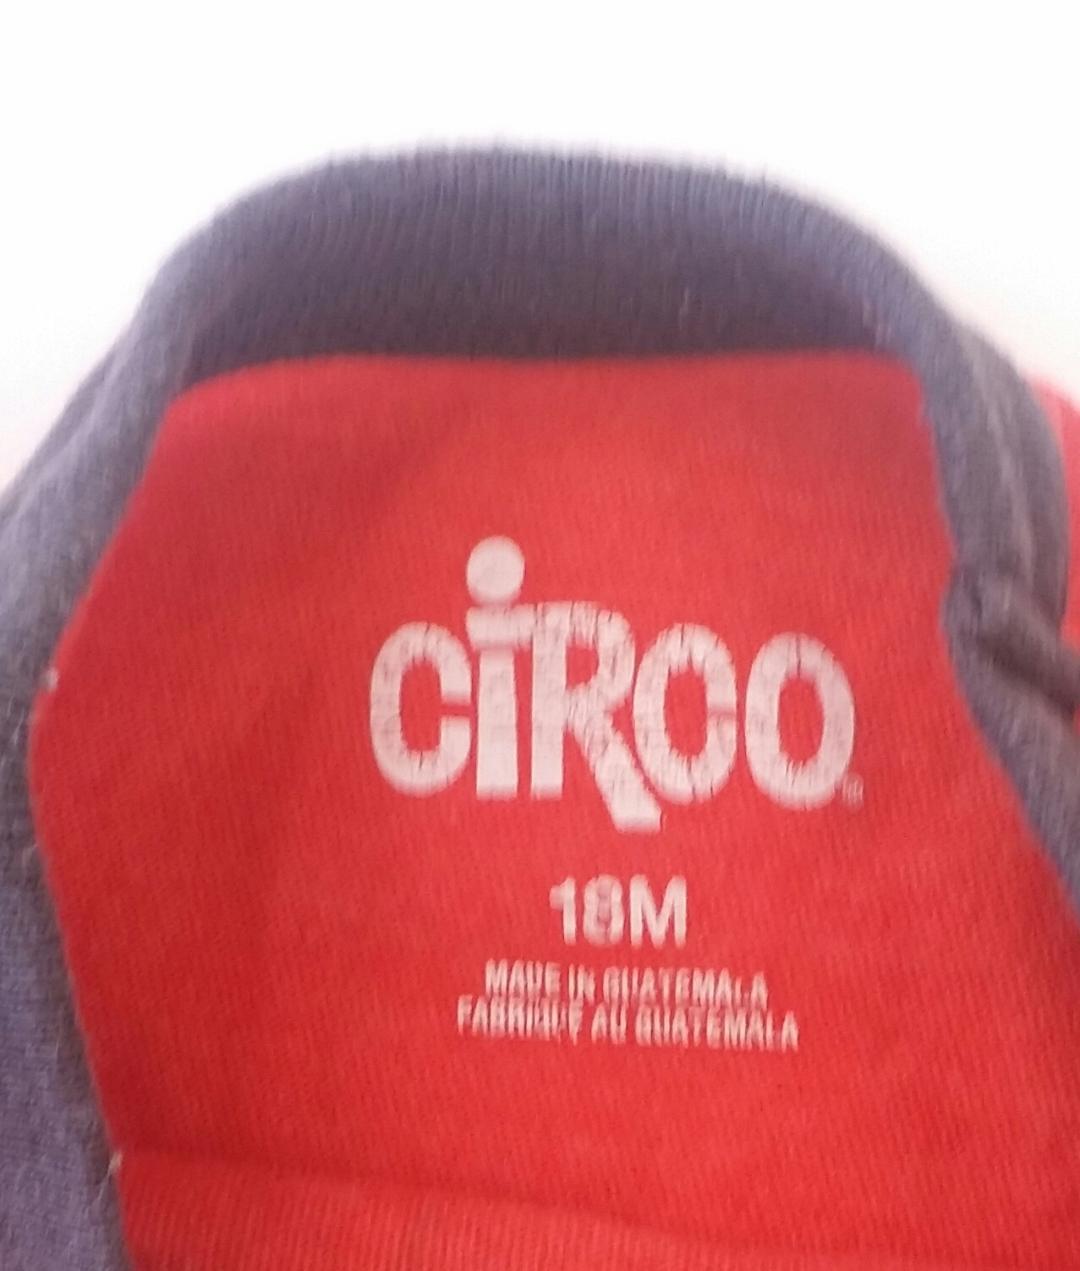 Circo-18-24-MONTHS-T-Shirt_2146044B.jpg